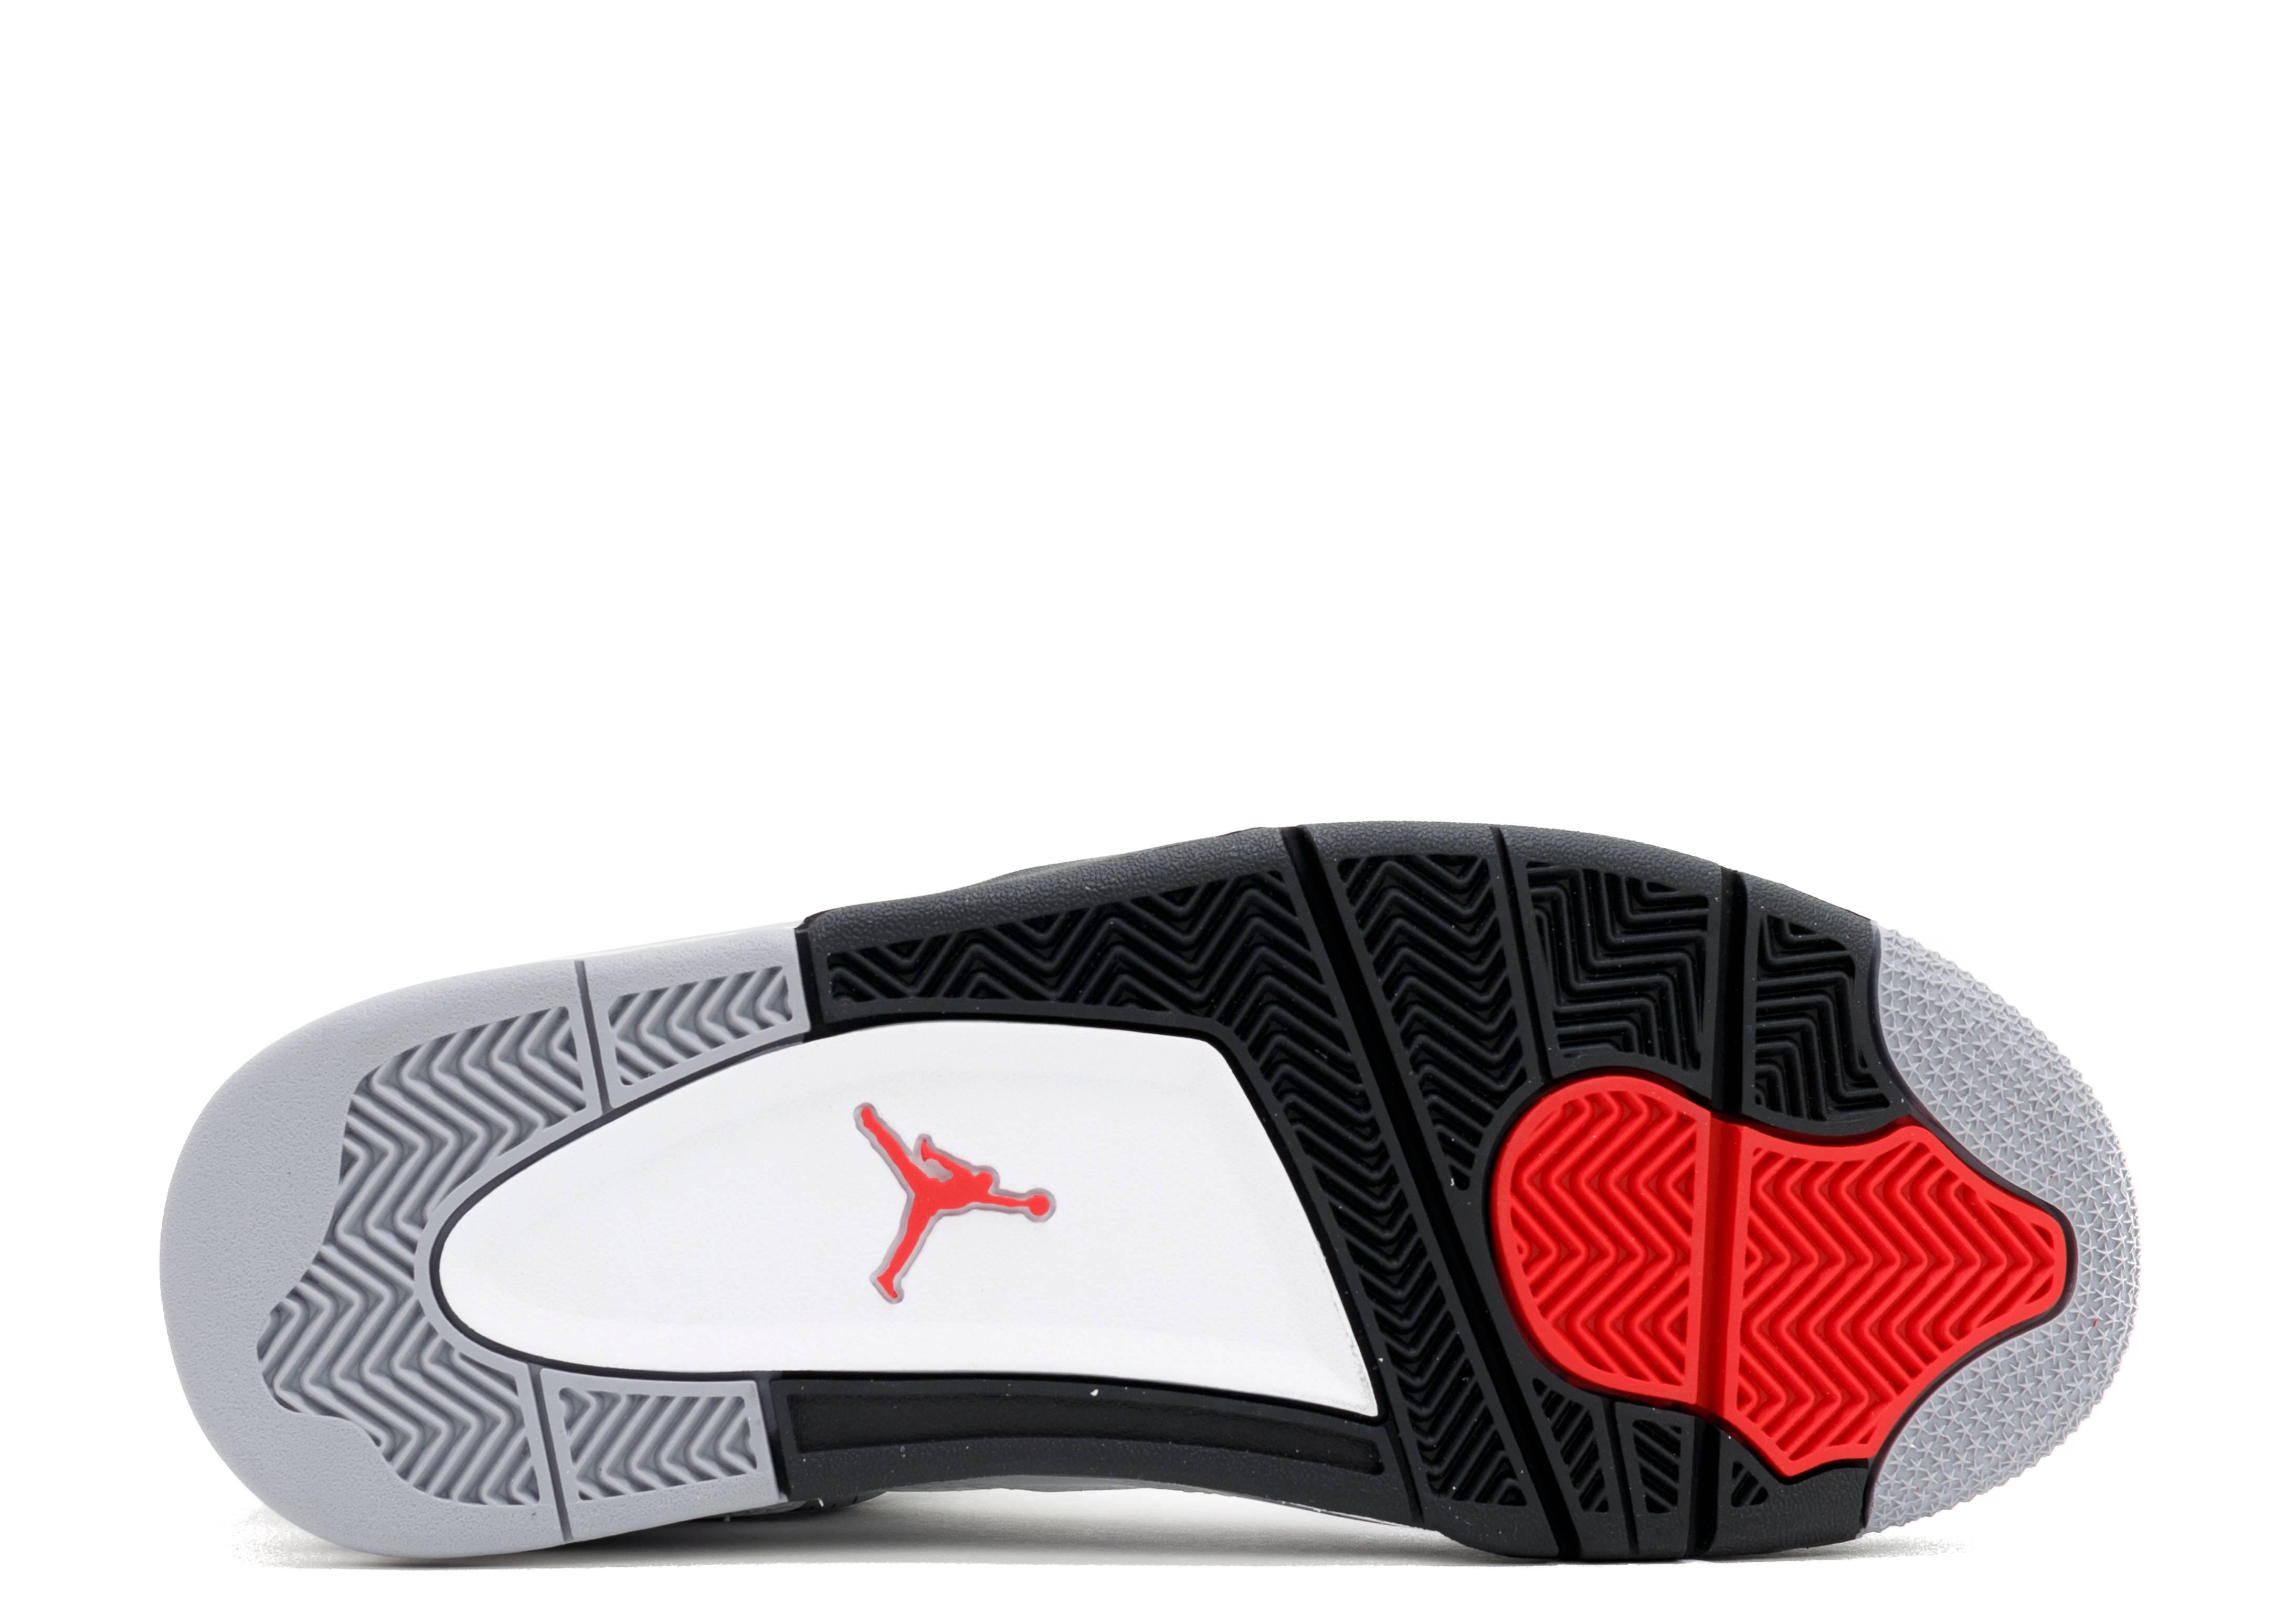 240630f61a7 Air Jordan 4 Retro